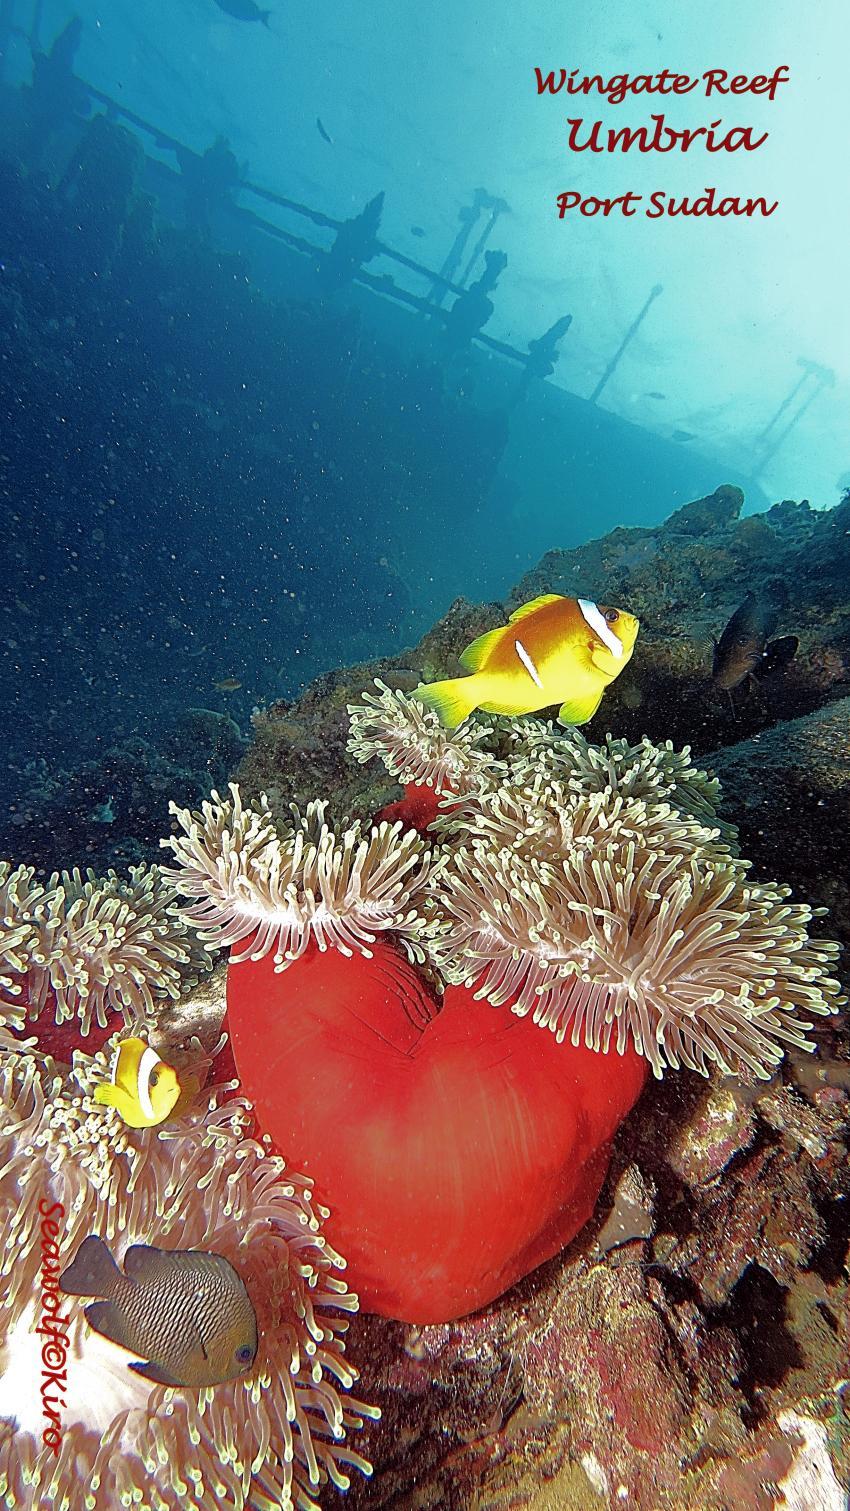 Umbria, Umbria Wrack Sudan Port Sudan Seawolf Diving Safari Dominator Hans Hass, Umbria - Wingate Reef, Sudan